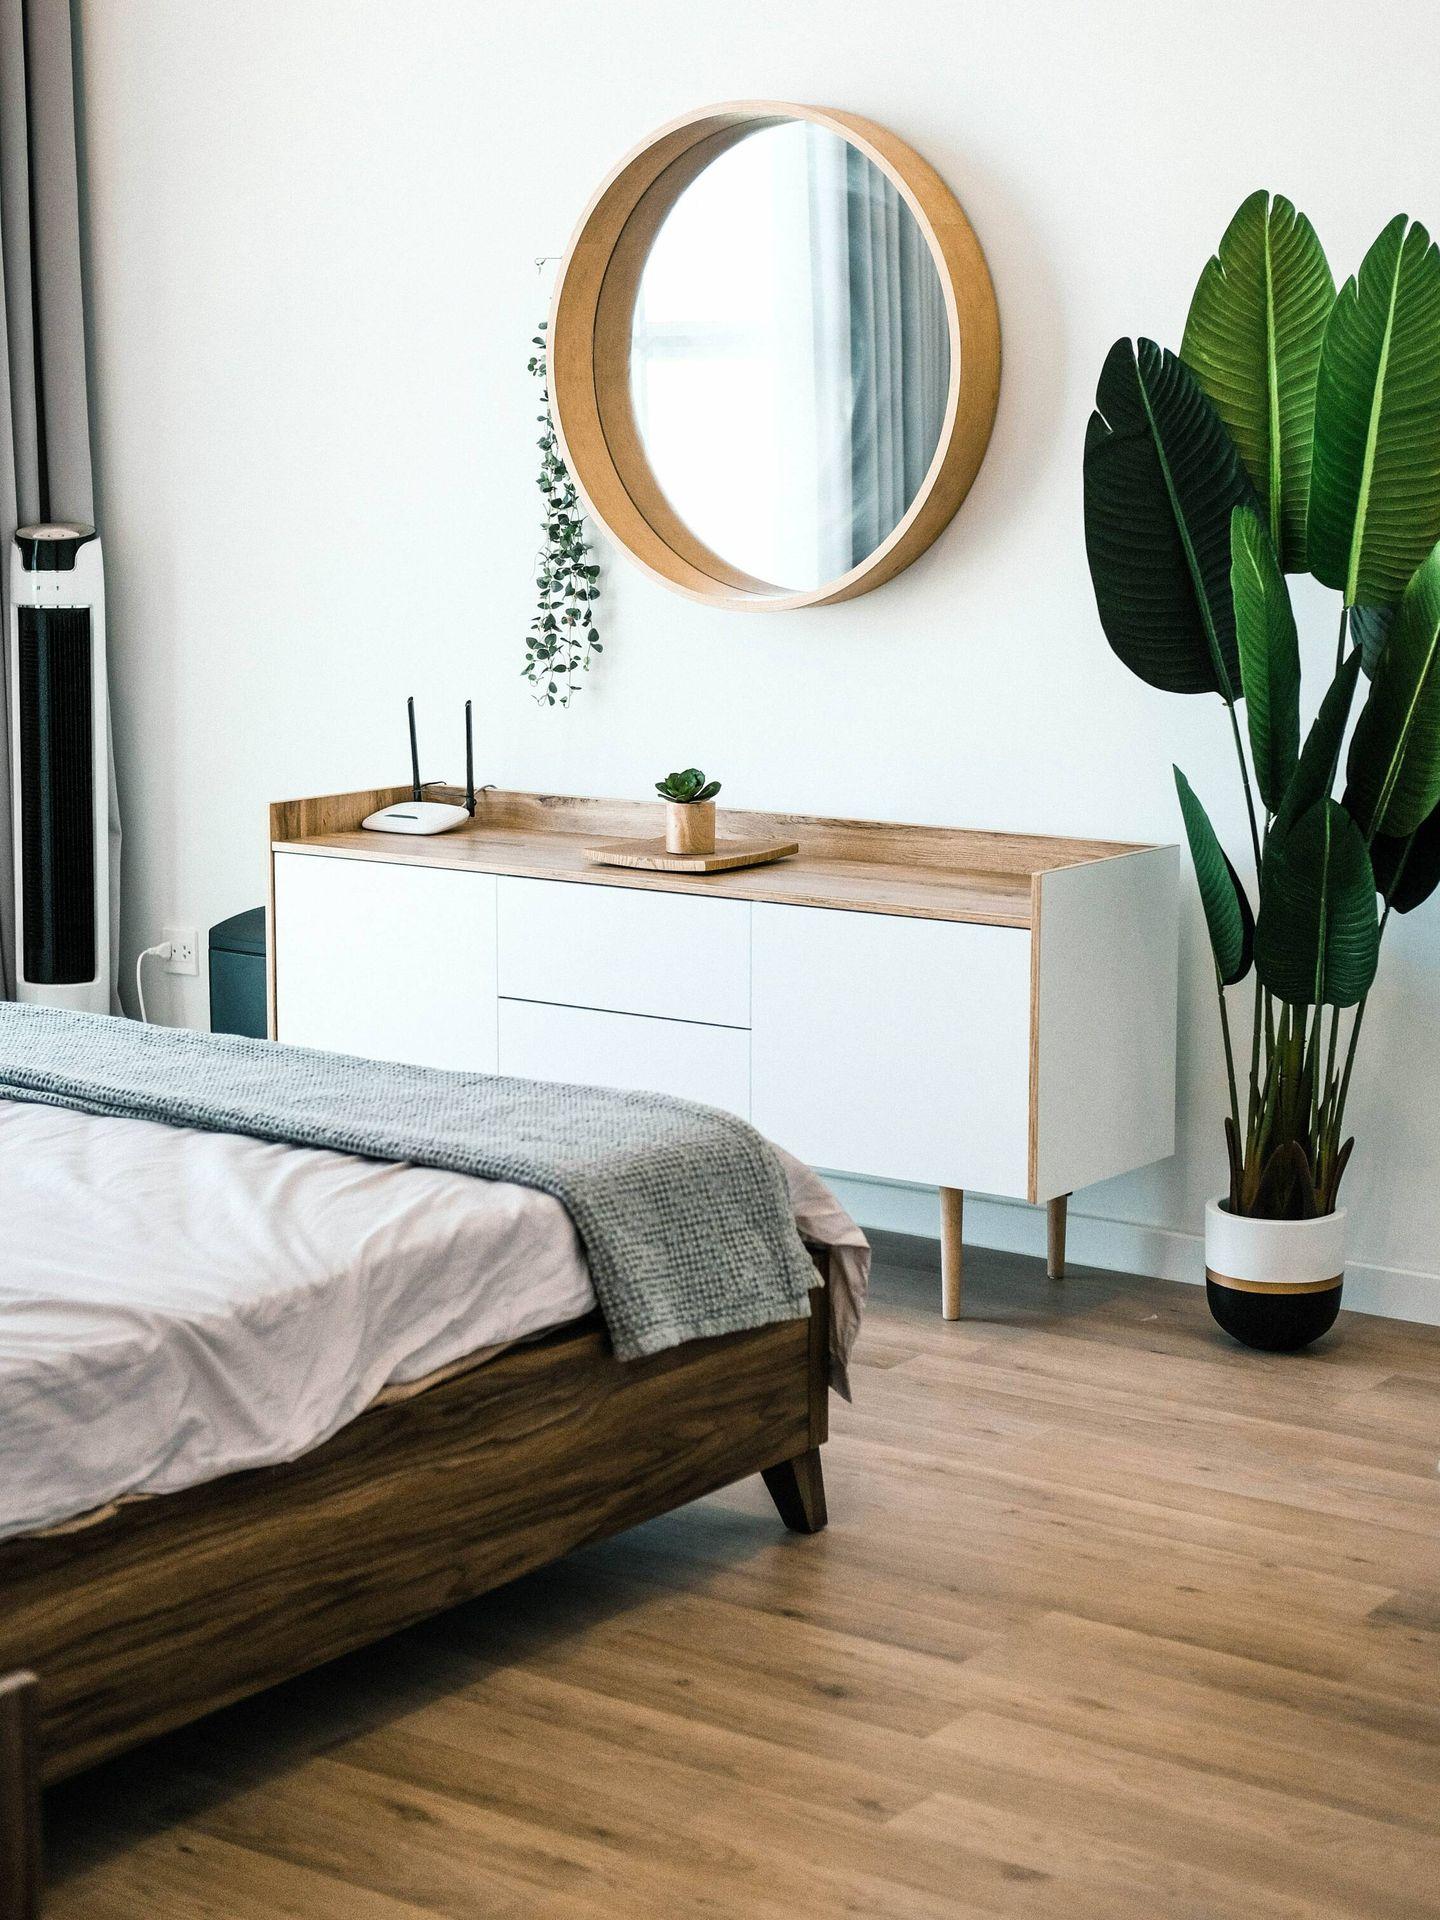 Orden y limpieza en casa con el reto de los 21 días. (Minh Pham para Unsplash)